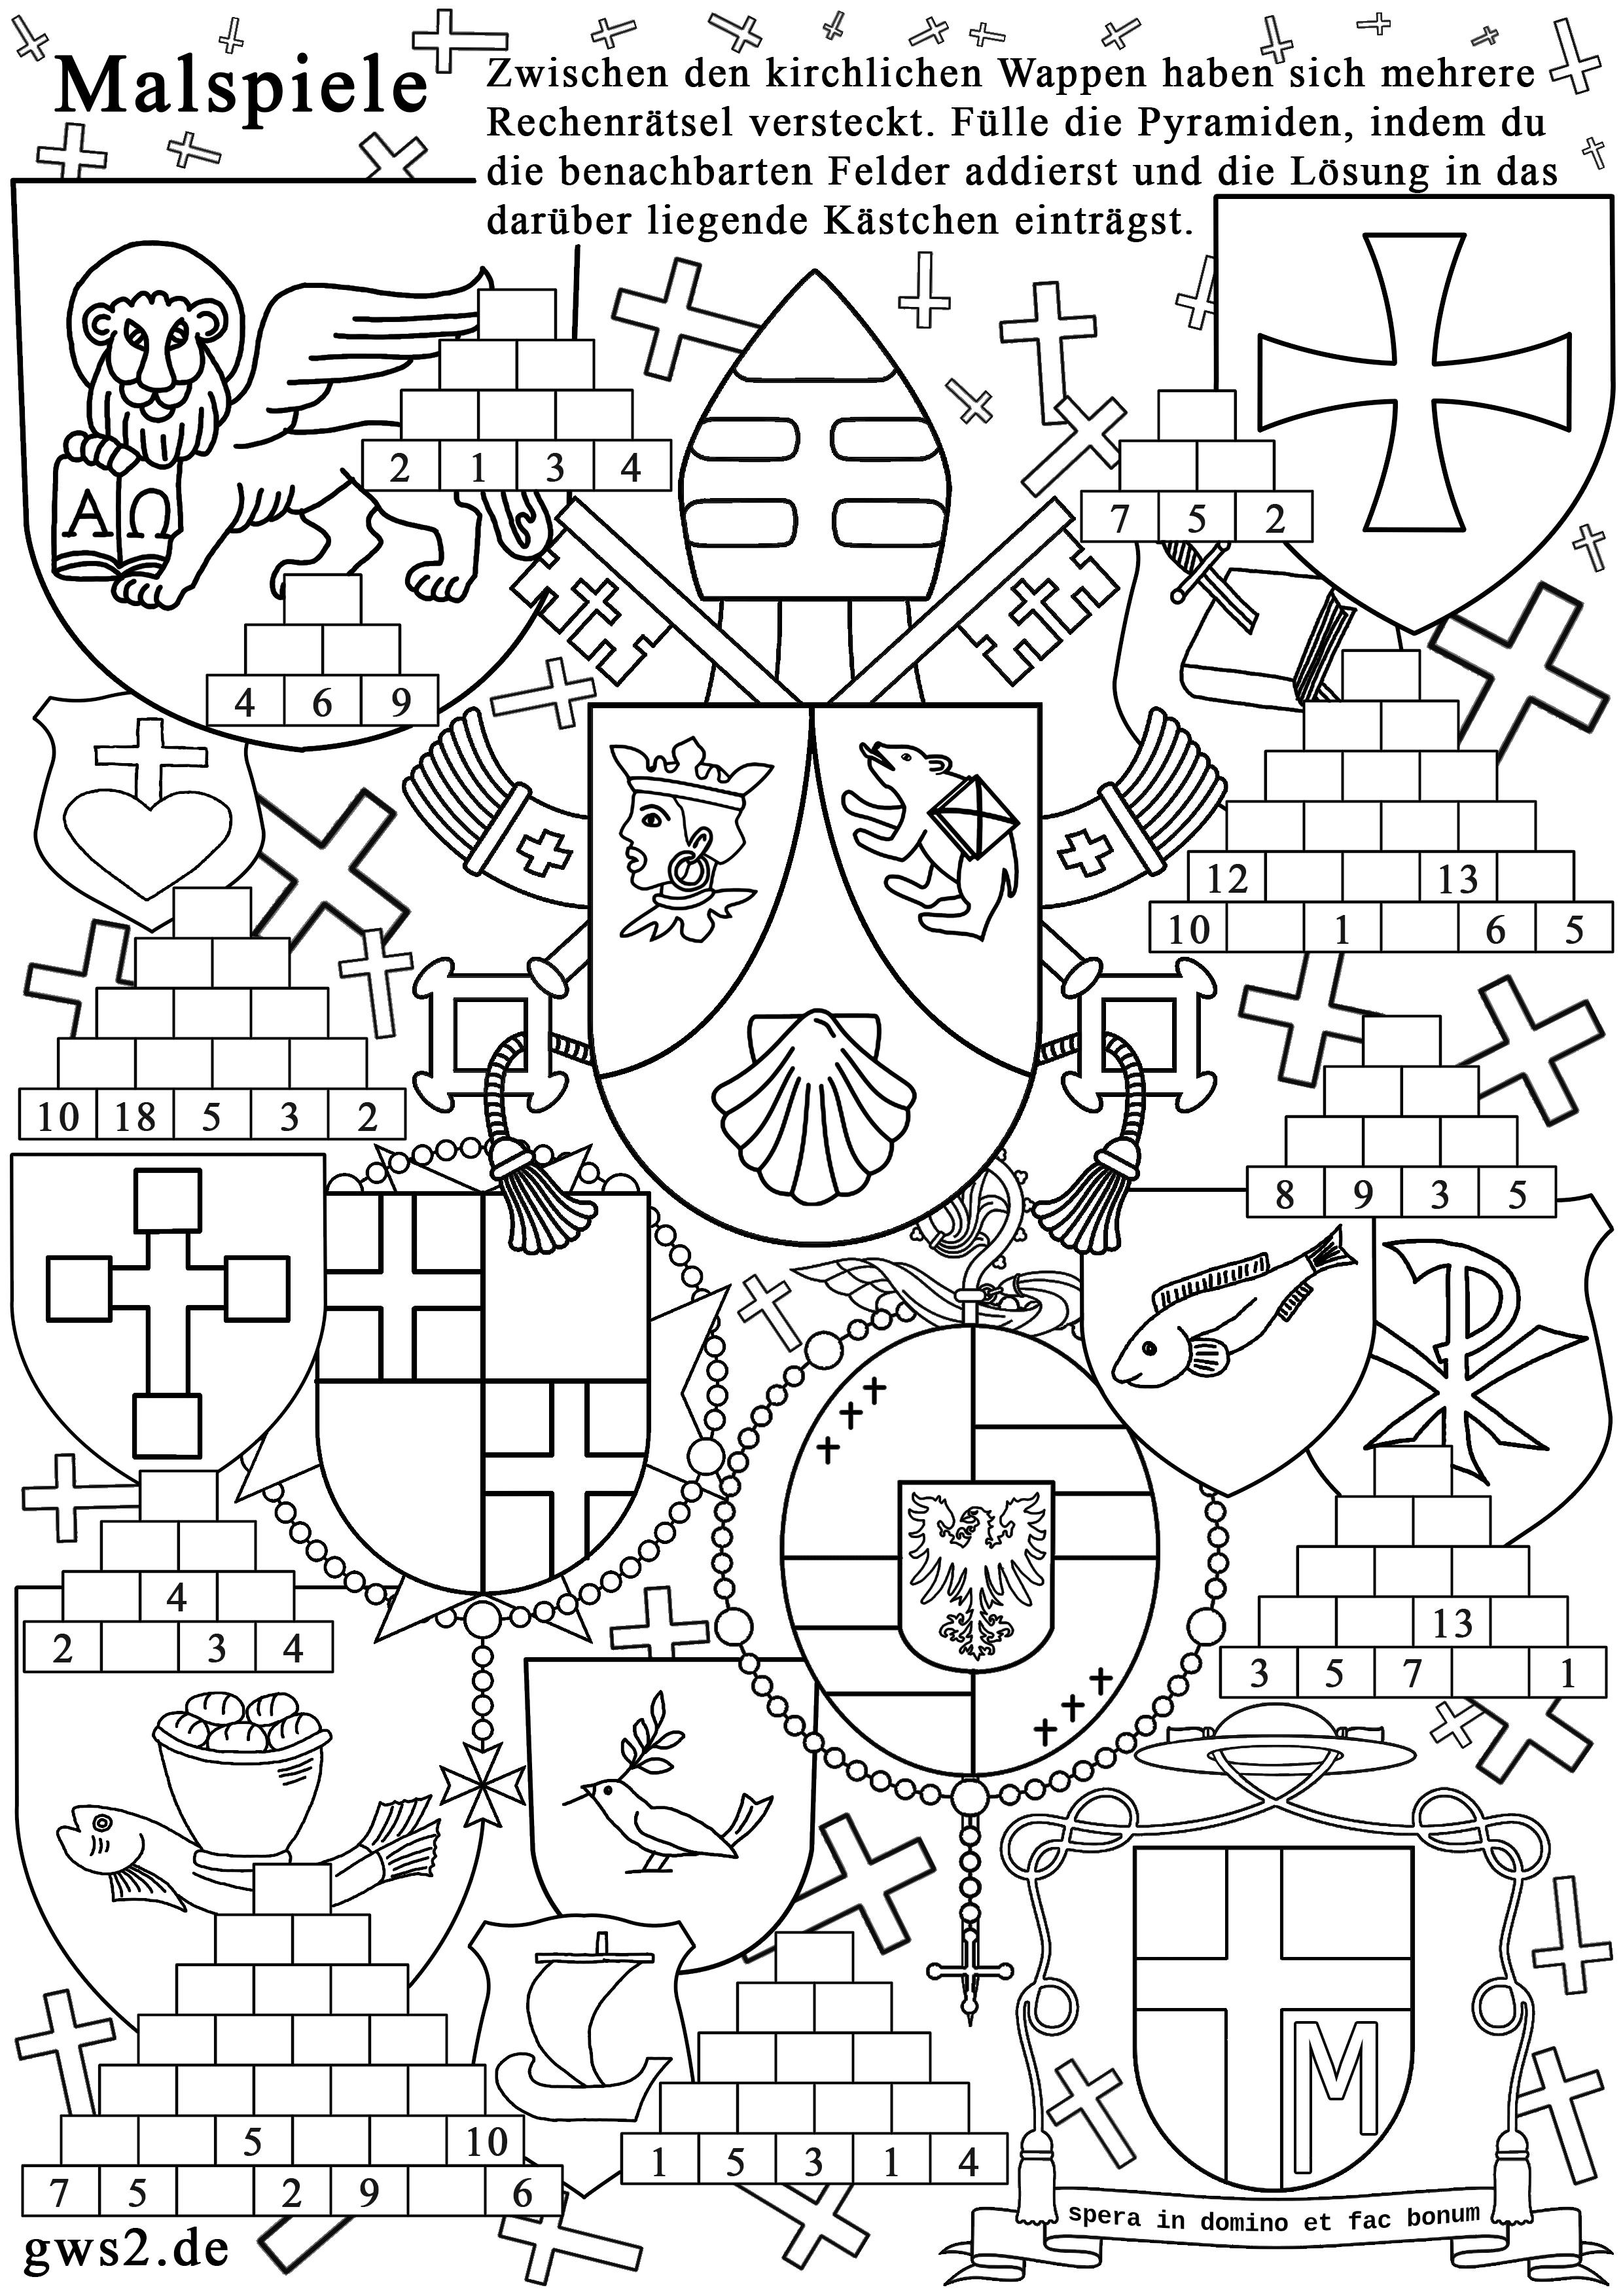 すごい Rheinland Pfalz Wappen Zum Ausmalen イラスト集